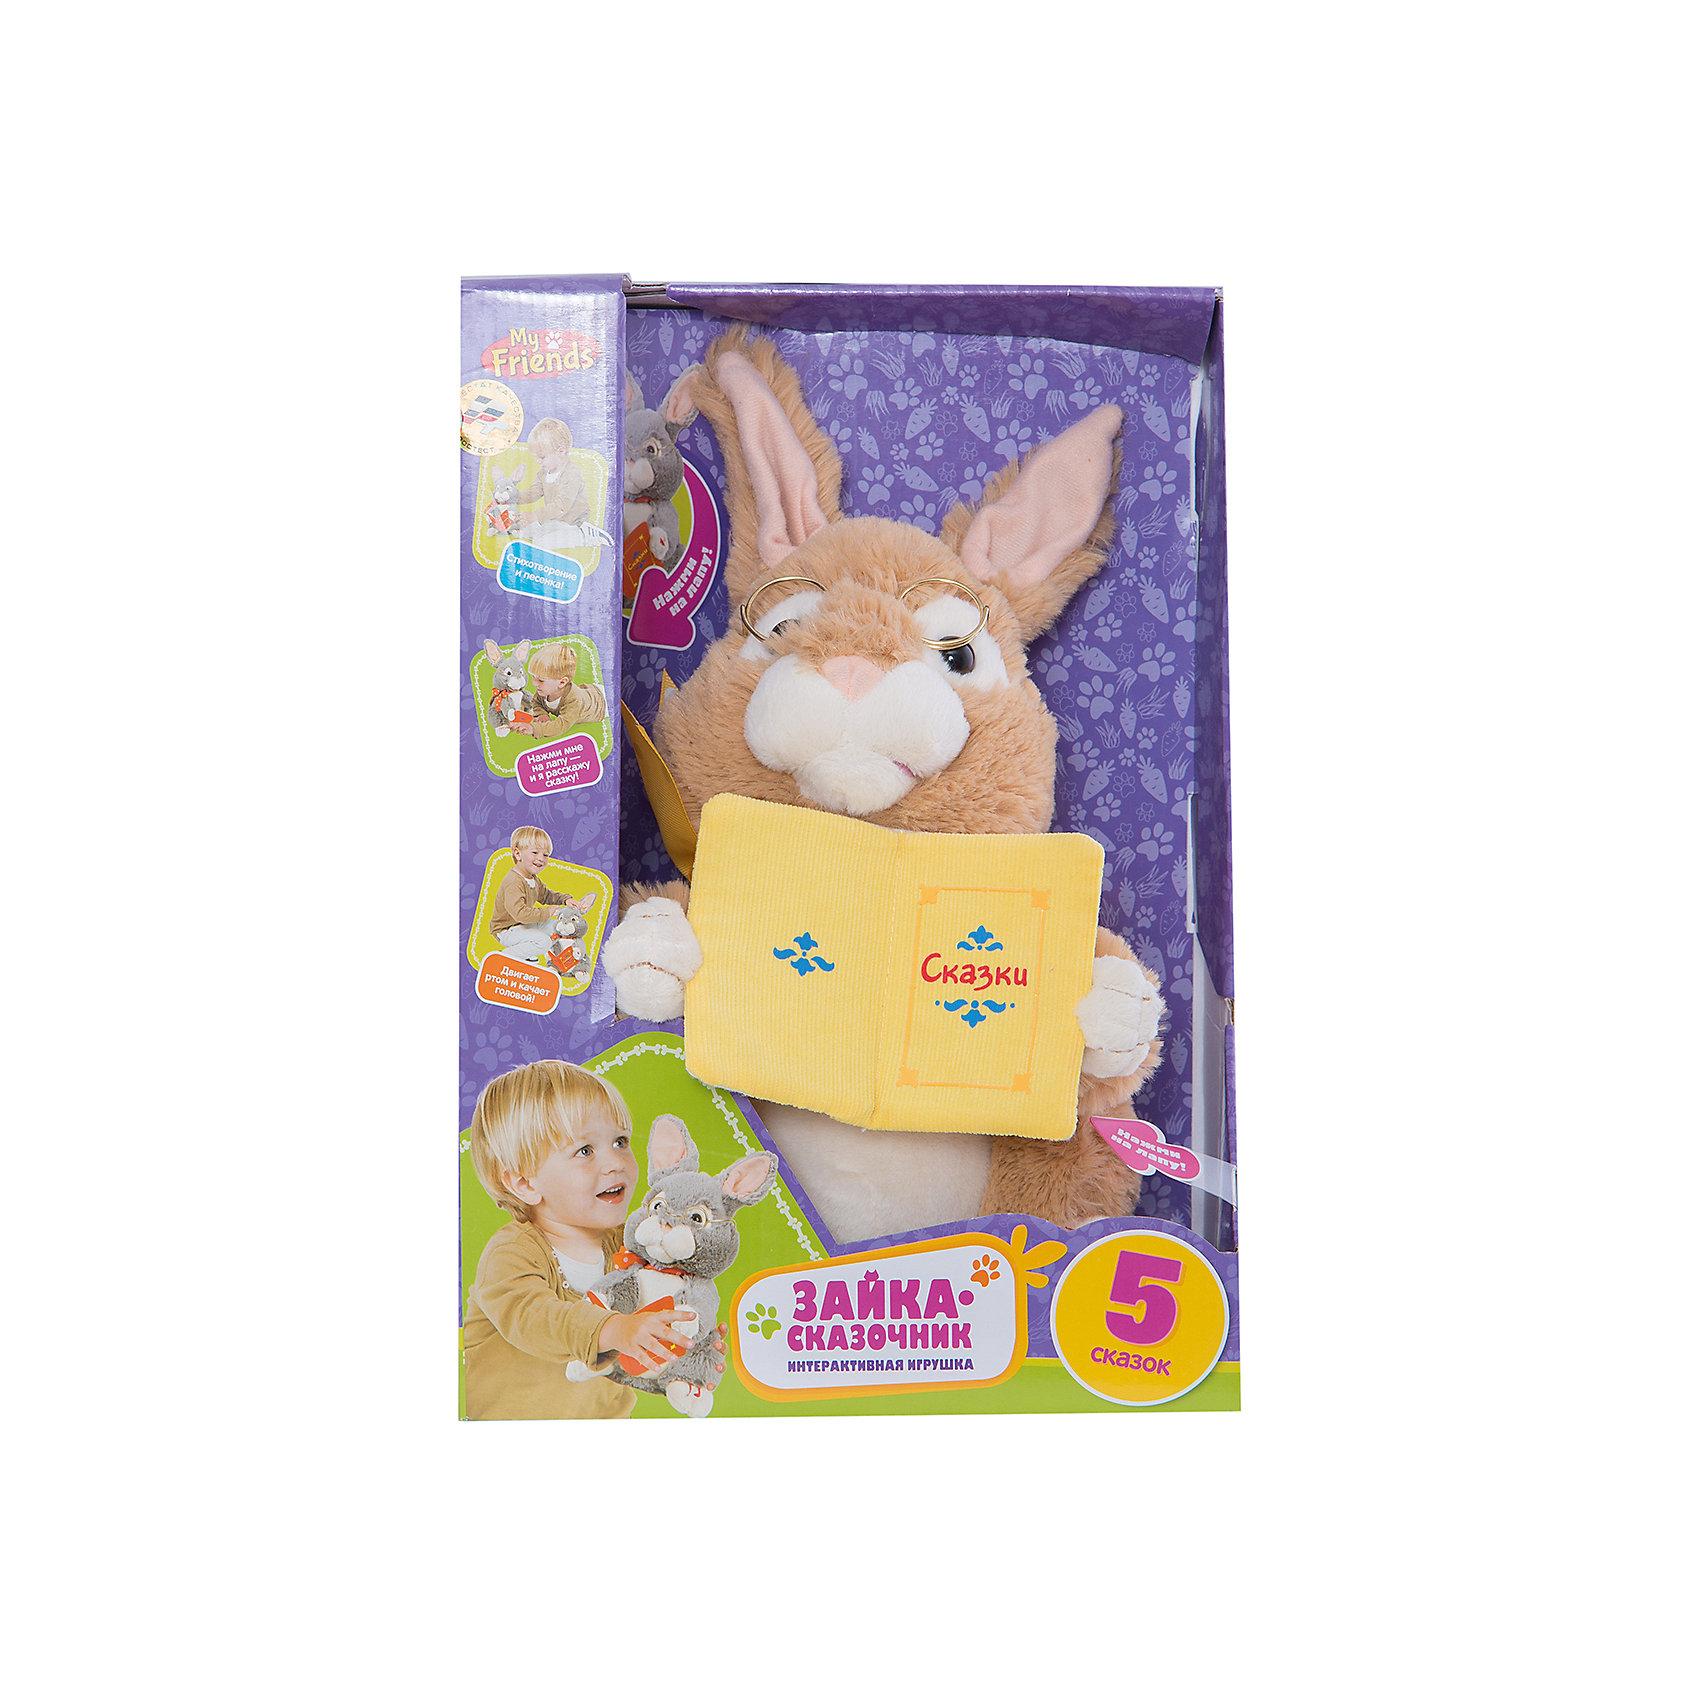 Интерактивный бежевый Кролик-сказочник, Играем вместеИнтерактивный Кролик-сказочник, Играем вместе - симпатичный плюшевый кролик в очках, который умеет рассказывать сказки. При этом он забавно двигает ртом и головой.<br><br>Кролик рассказывает 5 сказок: <br>1) Лиса и заяц <br>2) Волк и коза <br>3) Заяц-хваста <br>4) Лисичка-сестричка и серый волк <br>5) Петушок - золотой гребешок.<br><br>Если малыш заснул или устал, всегда можно нажать кнопку Пауза на лапке у кролика. Имеется возможность регулировки громкости.<br><br>Интерактивный Кролик-сказочник, Играем вместе станет отличным другом для Вашего ребенка и всегда порадует его любимыми сказками.<br><br>Дополнительная информация:<br><br>- В комплекте: интерактивный кролик с книжкой и очками.<br>- Игрушка работает от батареек (входят в комплект)<br>- Кнопки паузы и регулировки громкости.<br>- Материал: текстиль, пластмасса, металл.<br>- Размер игрушки: 16х29см.<br>- Размер упаковки: 26 x 38 x 16см.<br><br>Интерактивного Кролика-сказочника, Играем вместе можно купить в нашем интернет-магазине.<br><br>Ширина мм: 260<br>Глубина мм: 380<br>Высота мм: 160<br>Вес г: 1070<br>Возраст от месяцев: 18<br>Возраст до месяцев: 1188<br>Пол: Унисекс<br>Возраст: Детский<br>SKU: 4874190